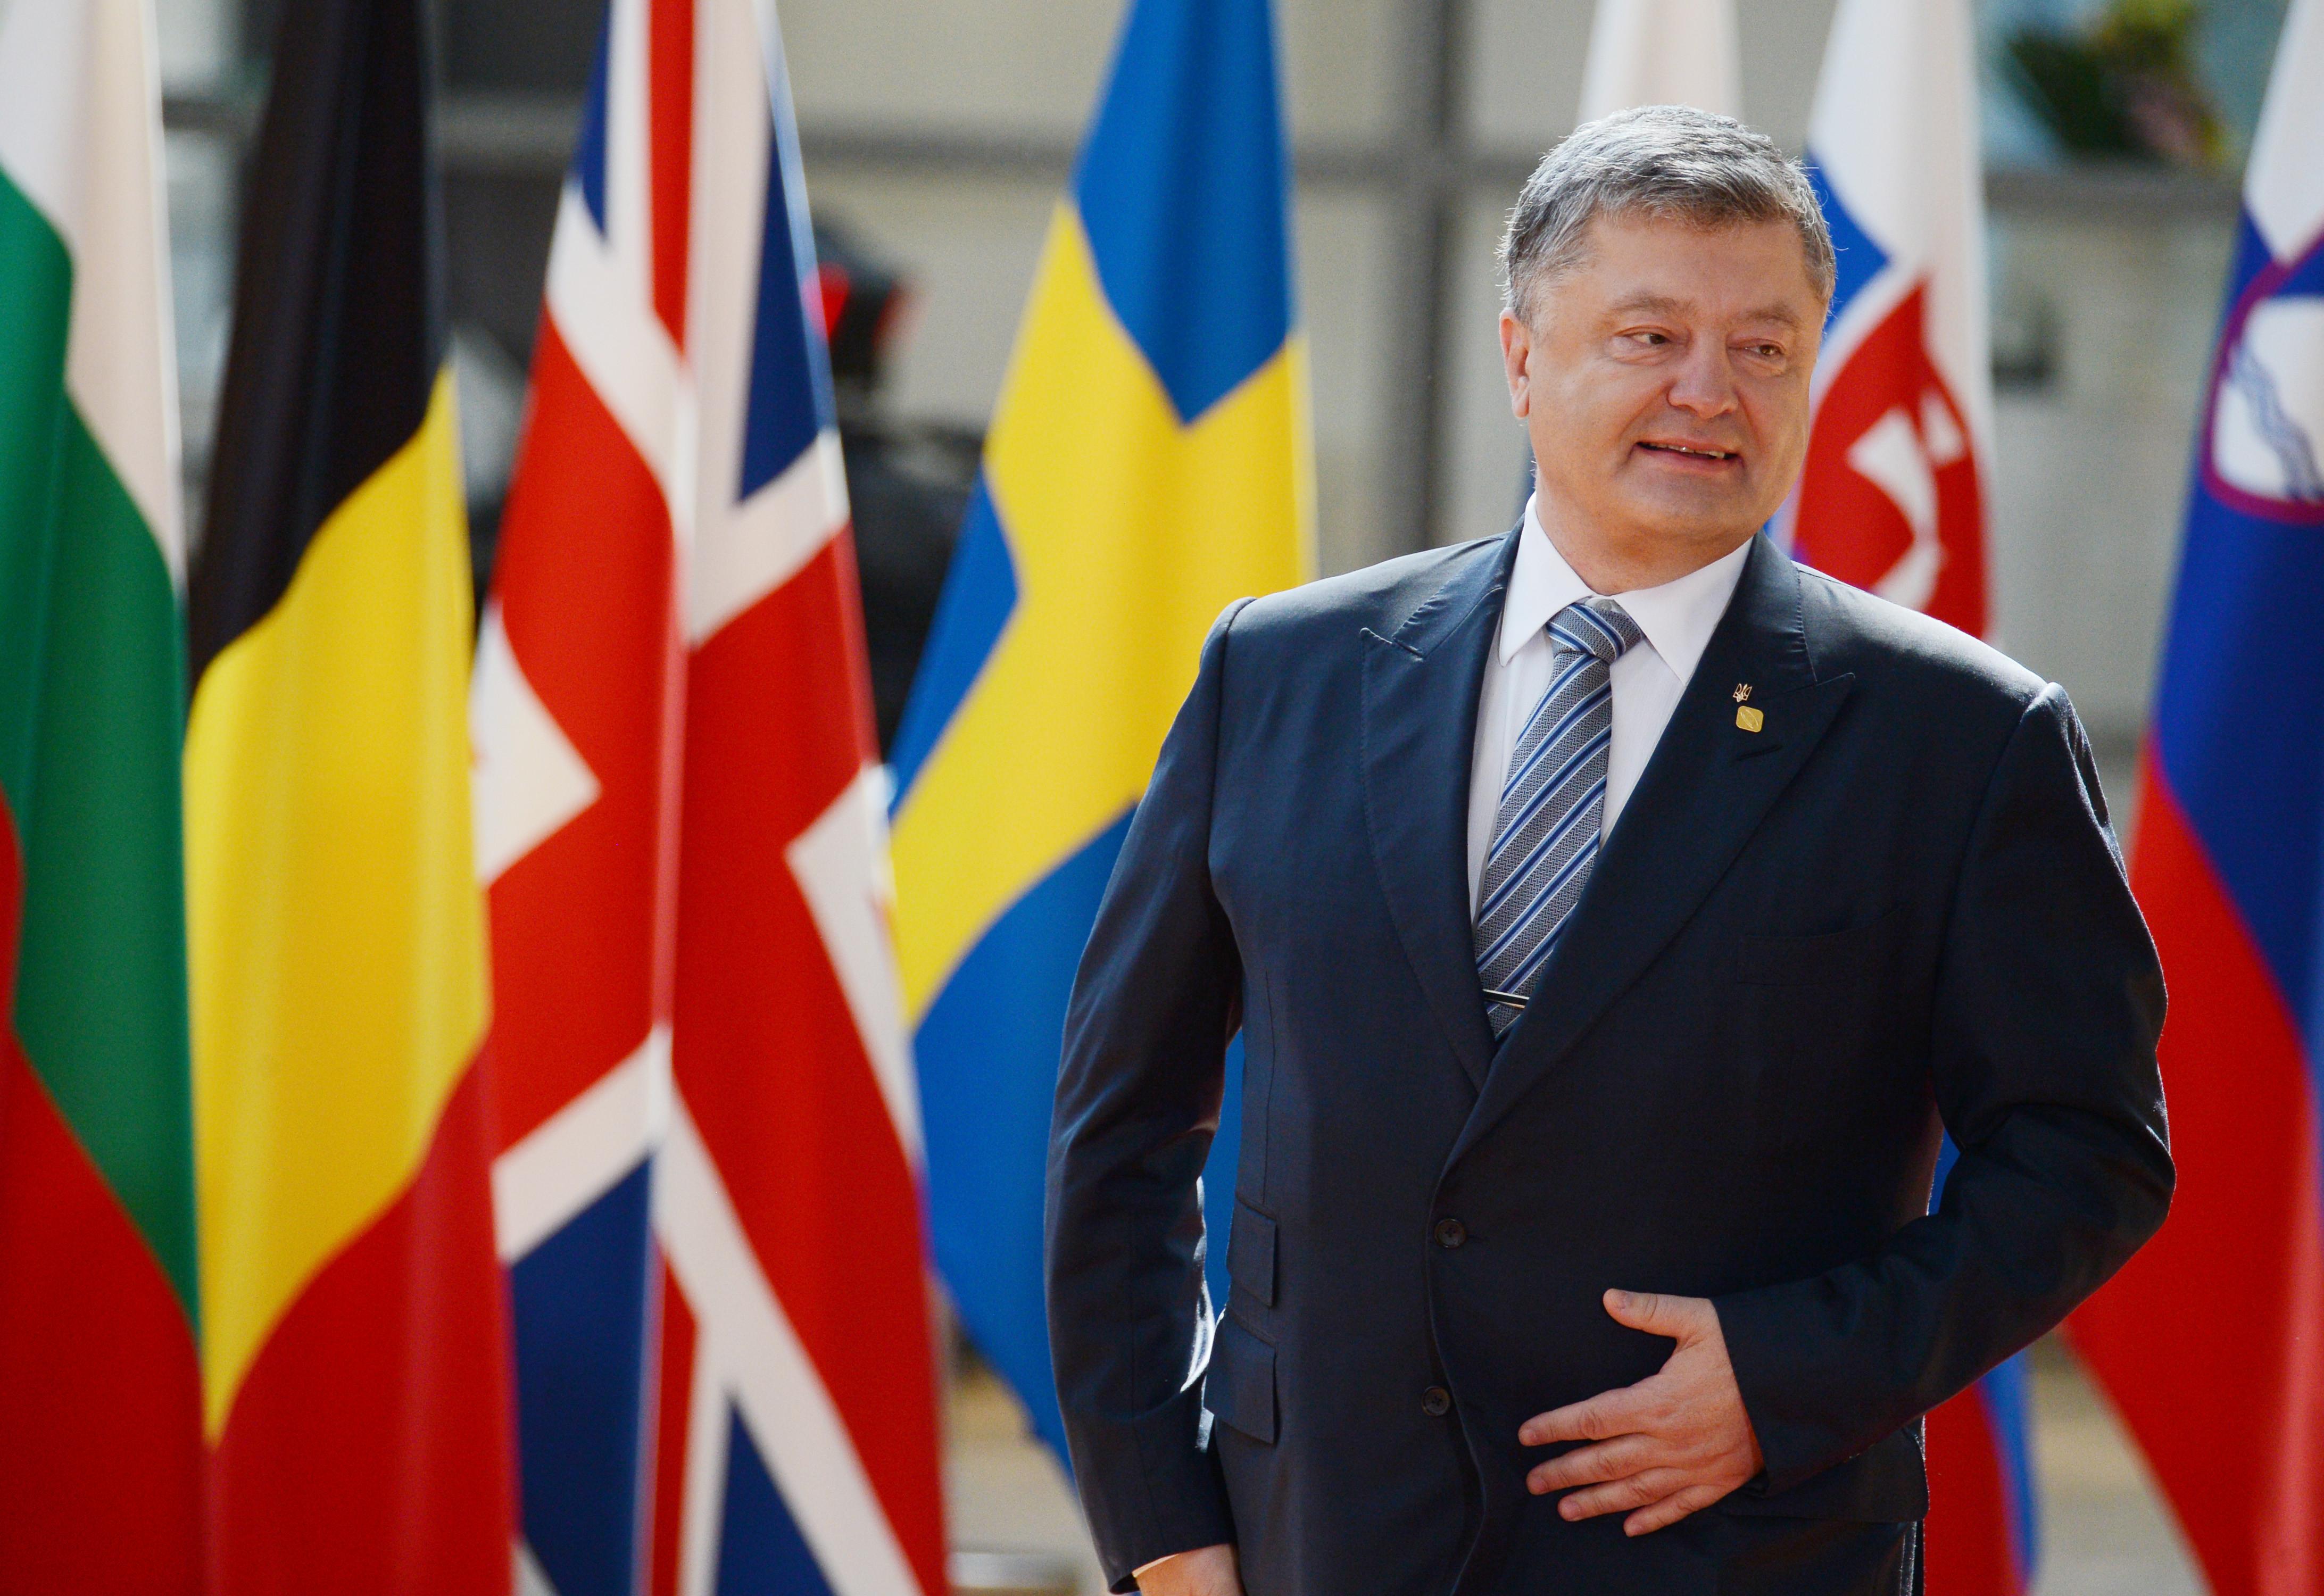 <p>Президент Украины Пётр Порошенко. Фото: &copy;РИА Новости/Алексей Витвицкий</p>